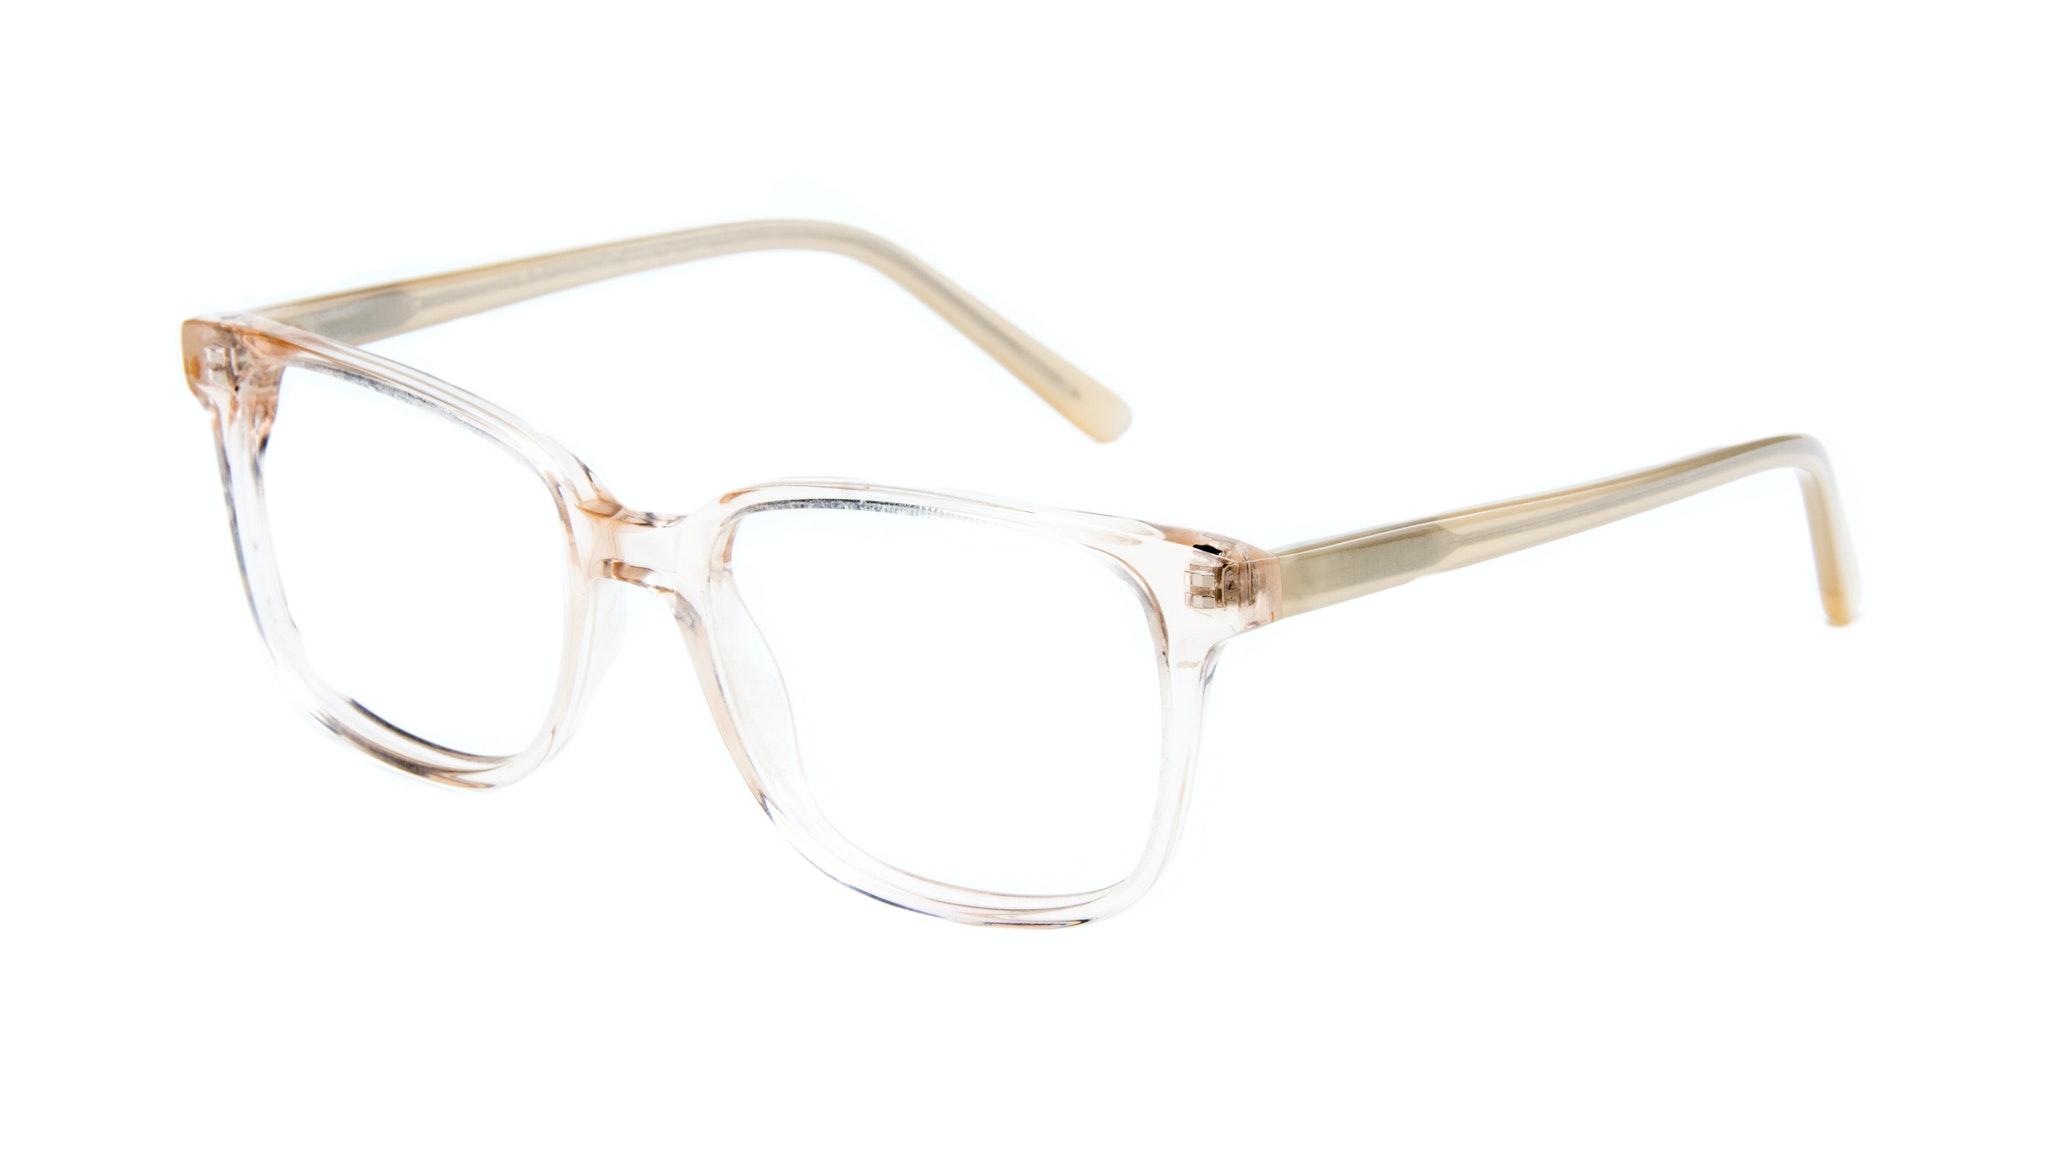 Affordable Fashion Glasses Rectangle Square Eyeglasses Women Windsor Blond Metal Tilt